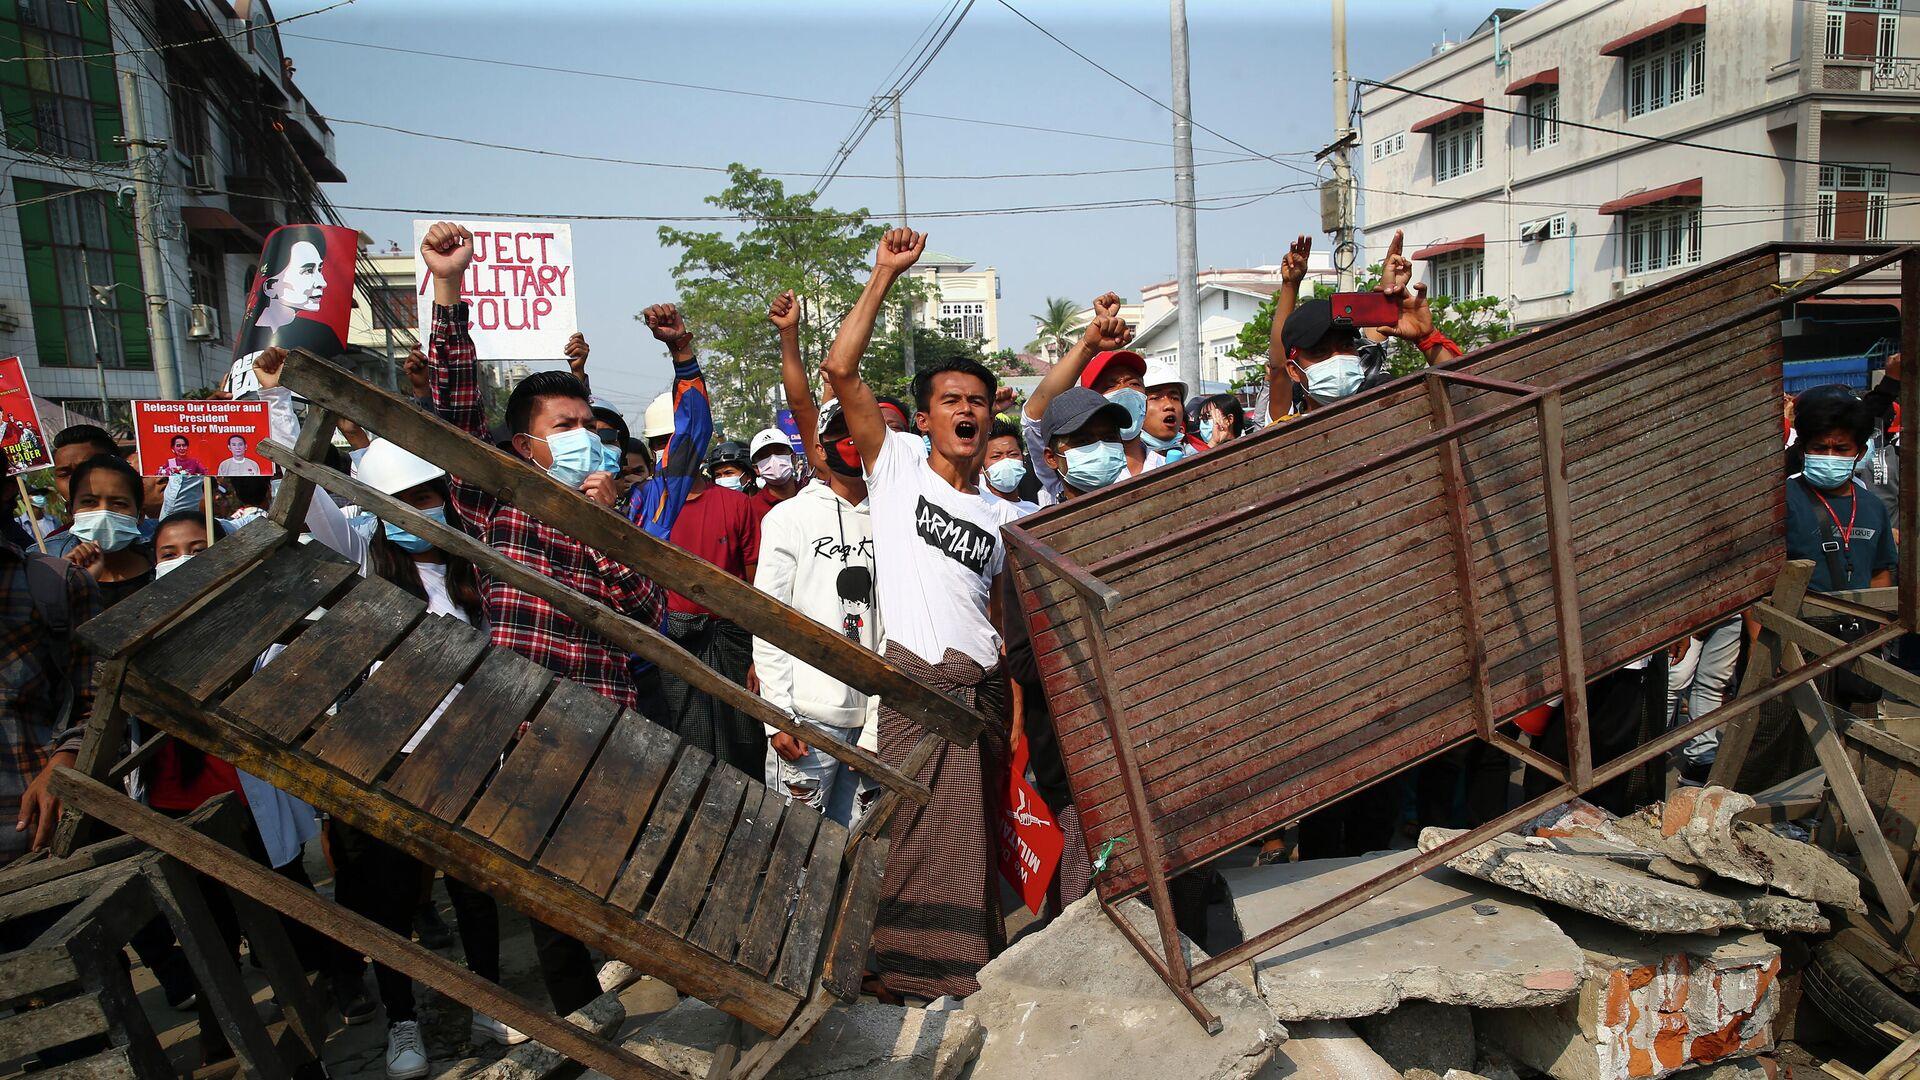 Акция протеста против военного переворота в Мандалае, Мьянма - РИА Новости, 1920, 03.03.2021